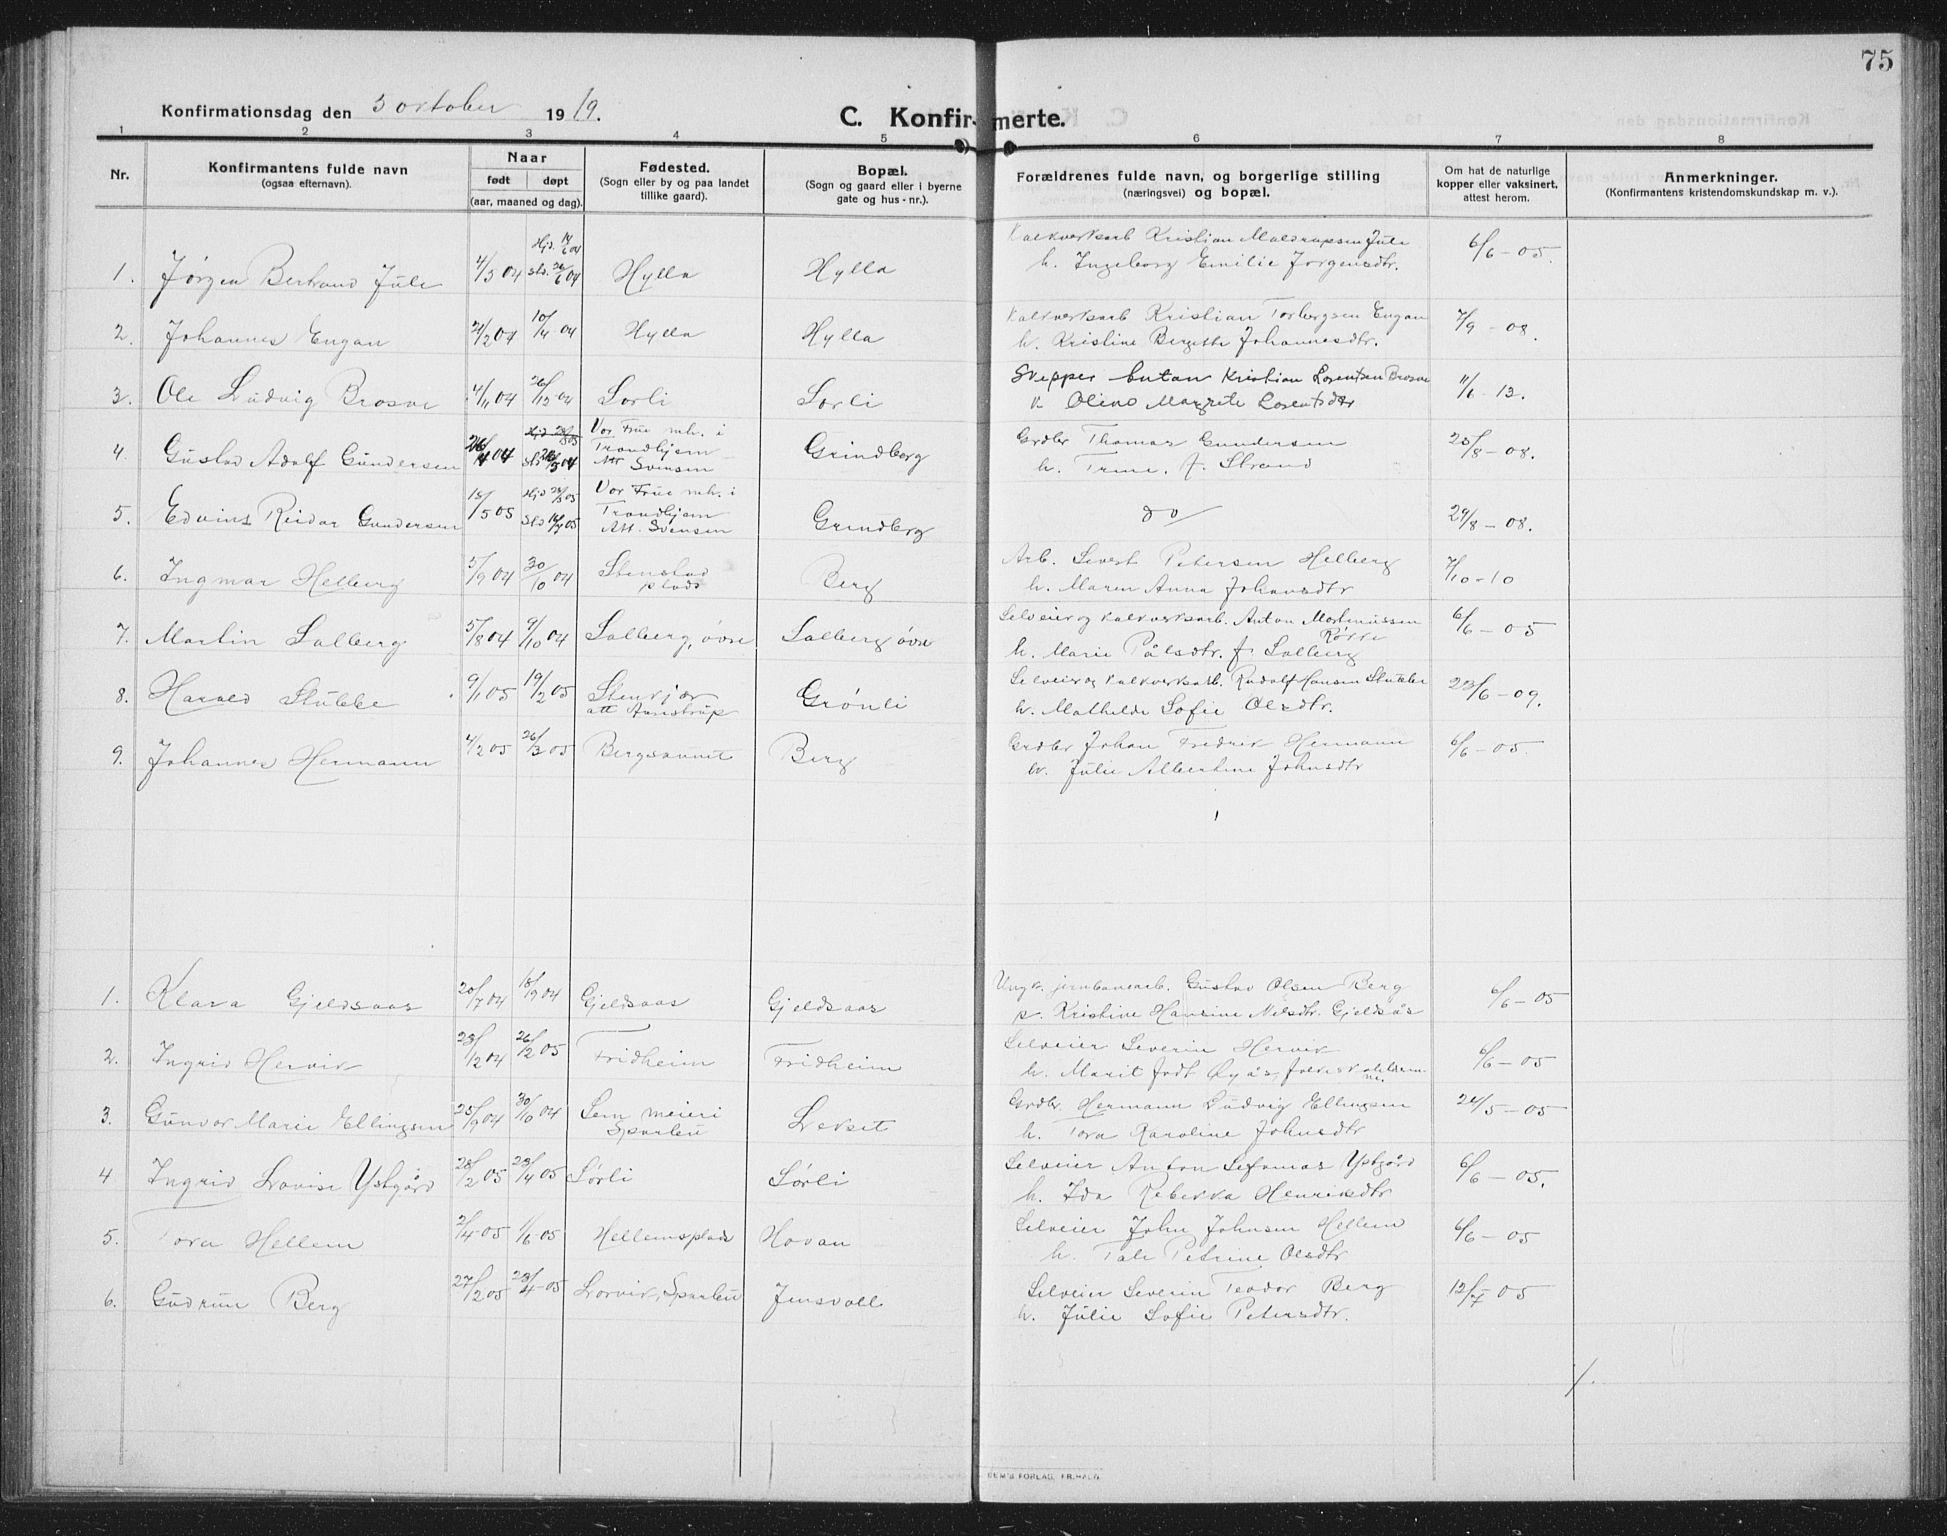 SAT, Ministerialprotokoller, klokkerbøker og fødselsregistre - Nord-Trøndelag, 731/L0312: Klokkerbok nr. 731C03, 1911-1935, s. 75